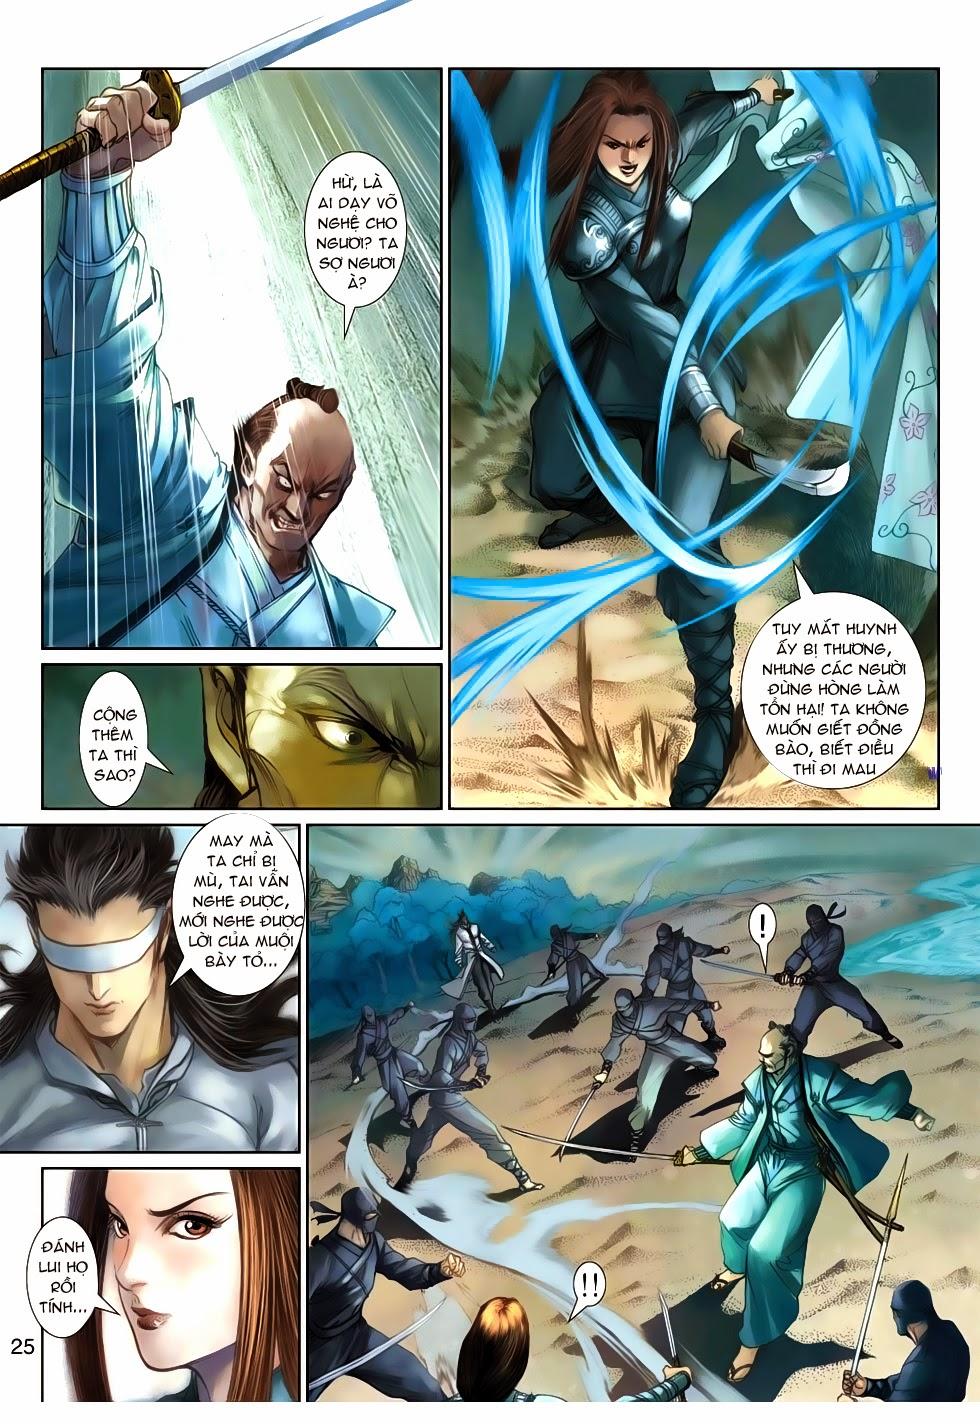 Thần Binh Tiền Truyện 4 - Huyền Thiên Tà Đế chap 9 - Trang 25